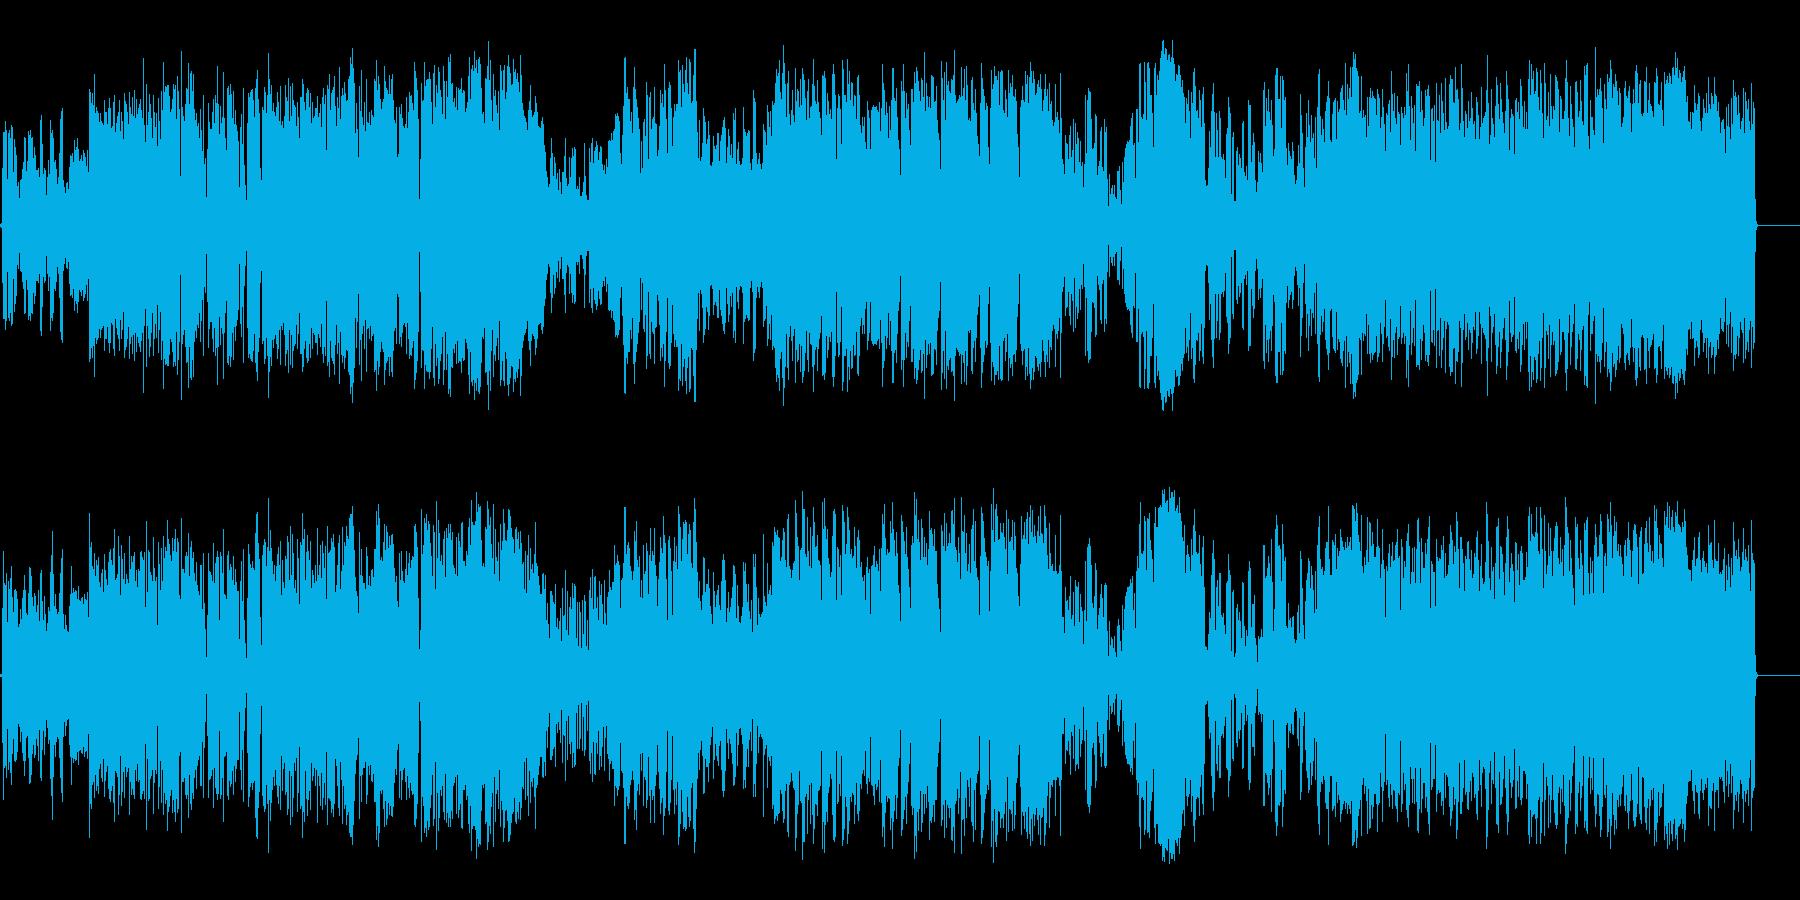 みんなでワイワイ歌っているポップスの再生済みの波形